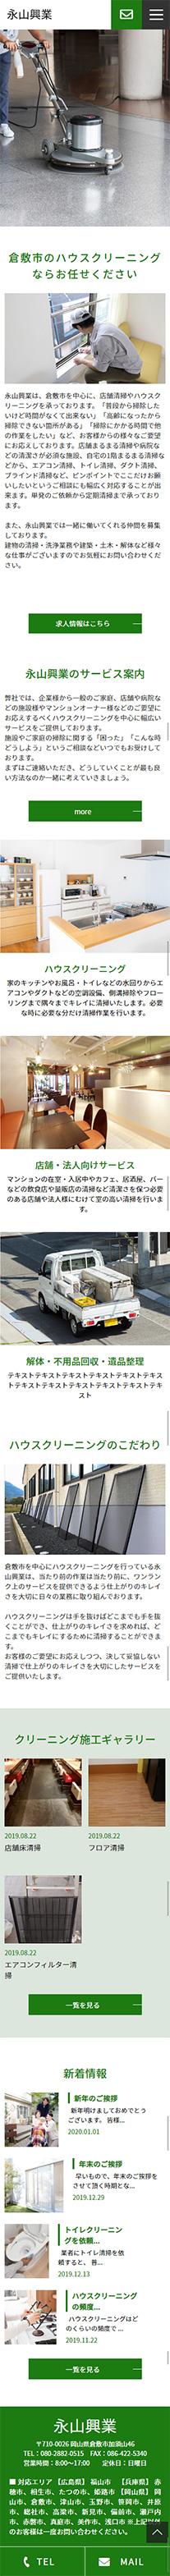 永山興業スマホTOP画像